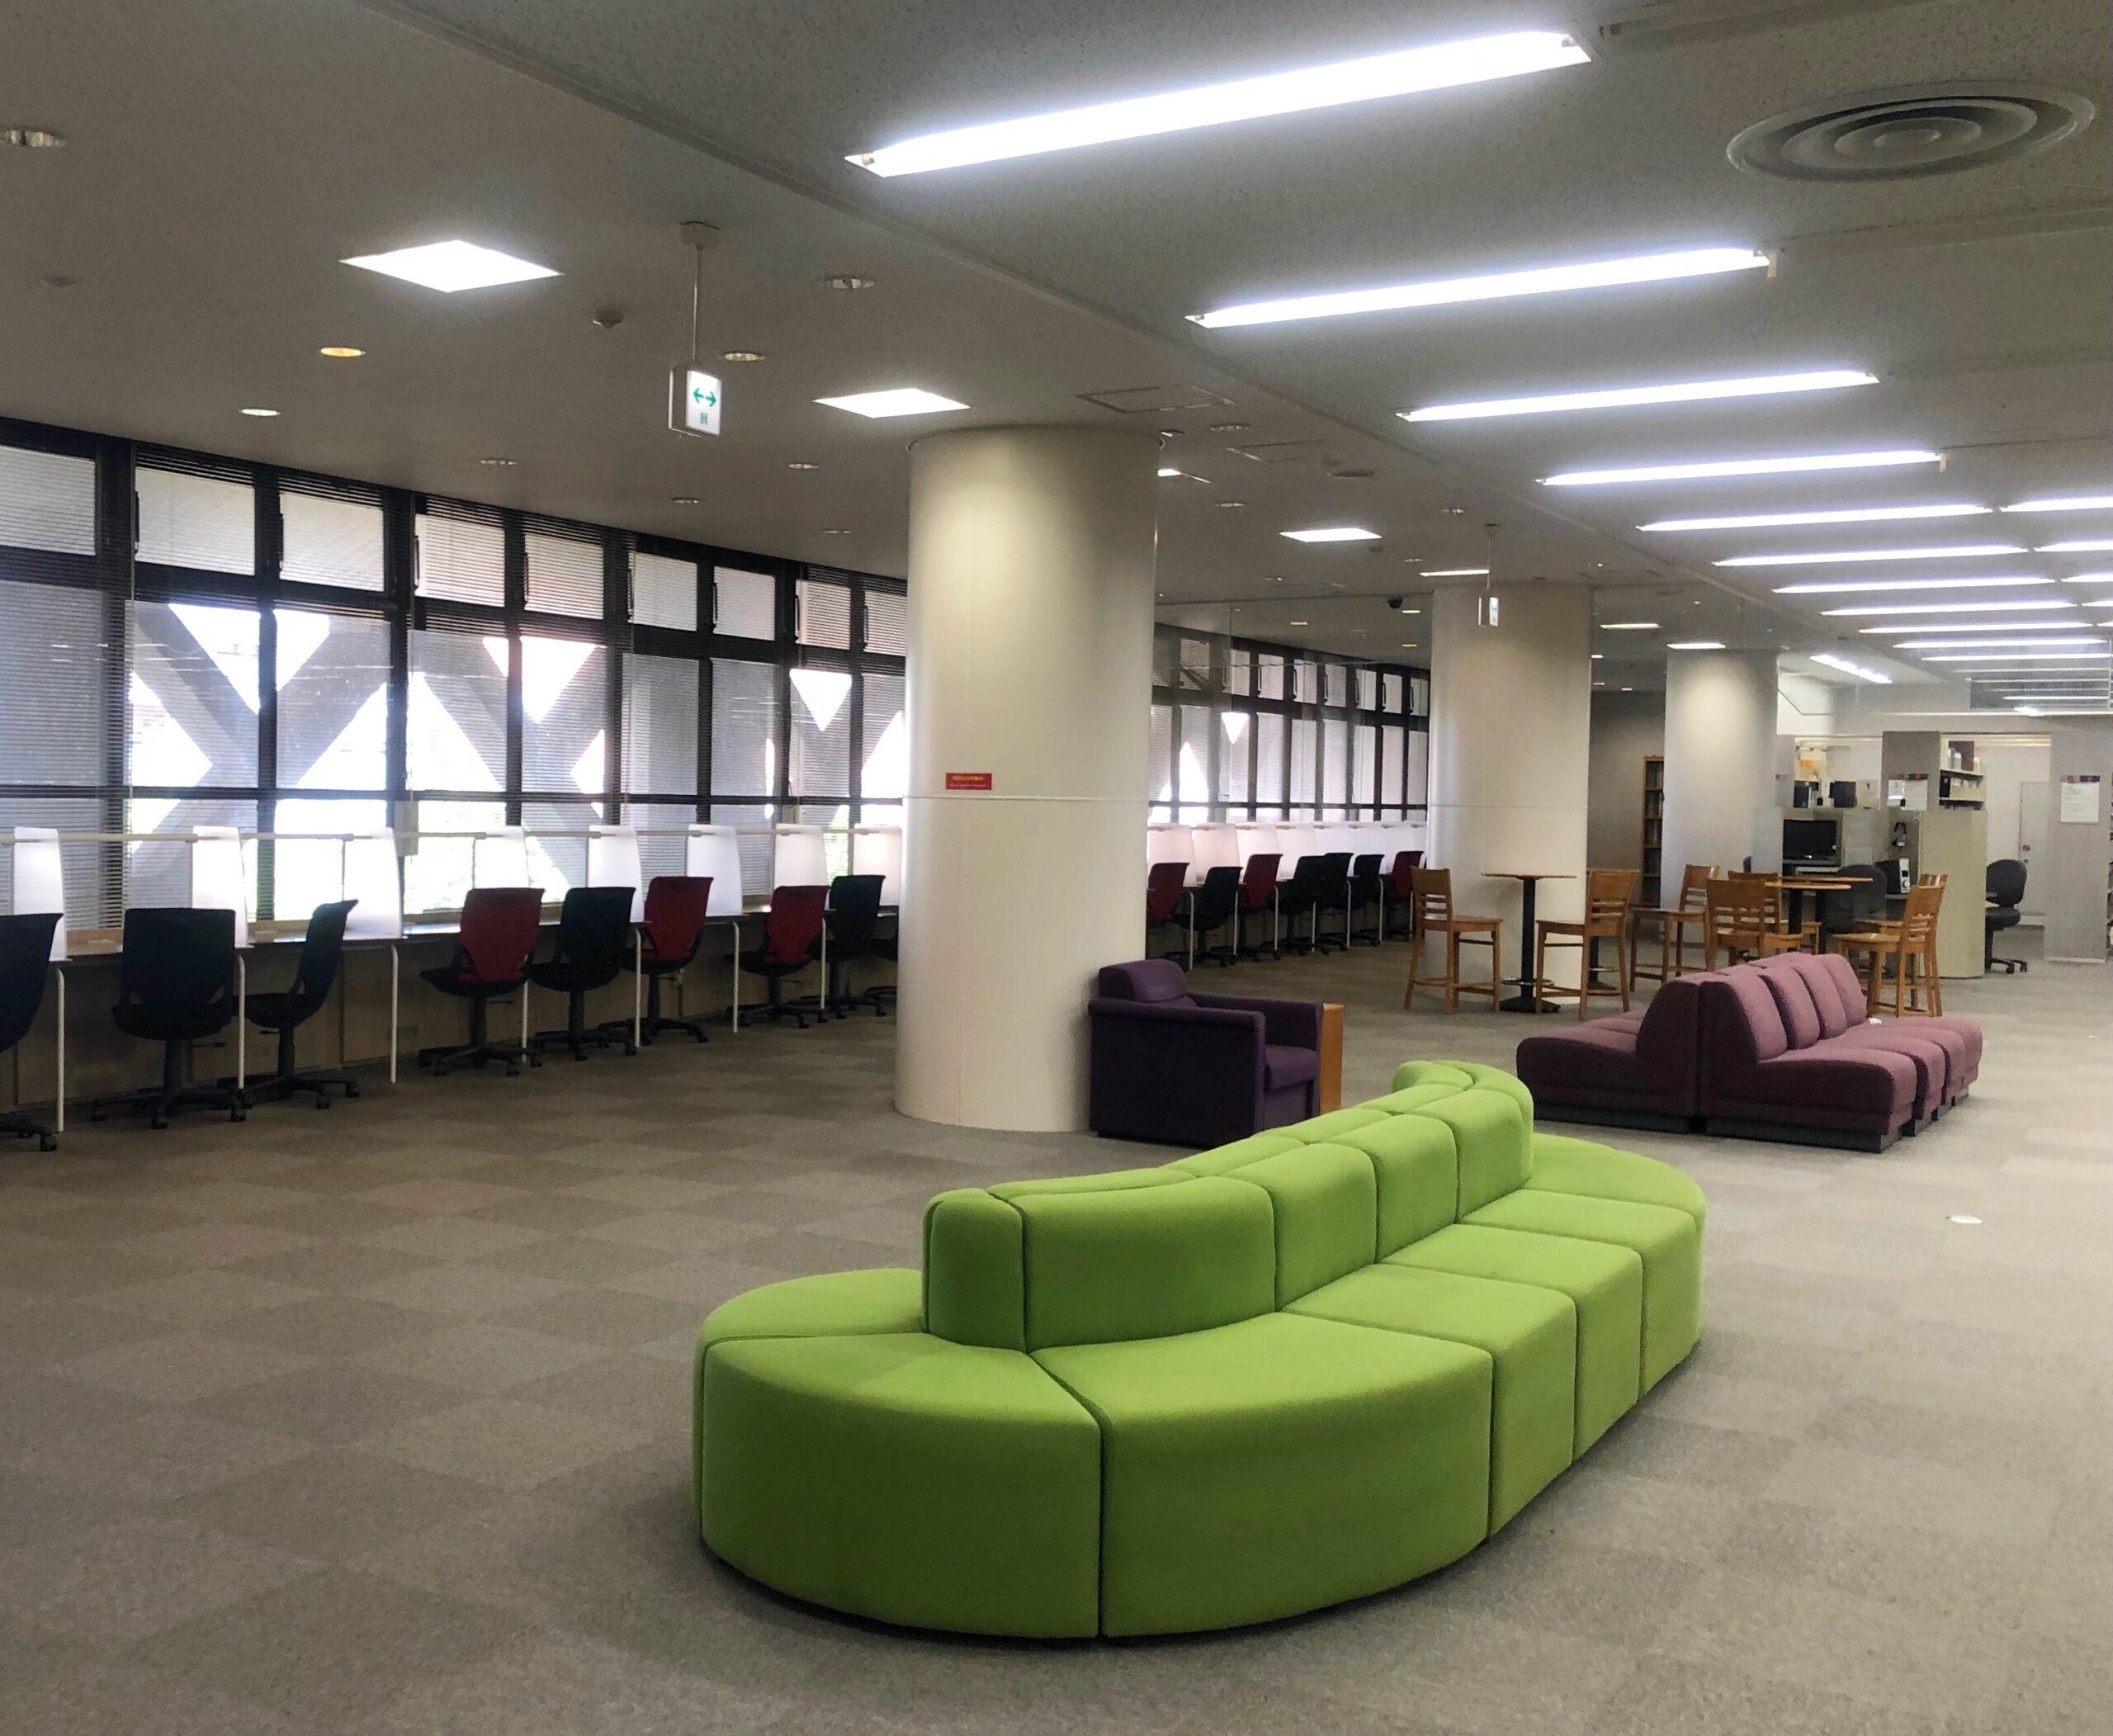 筑波大学附属図書館